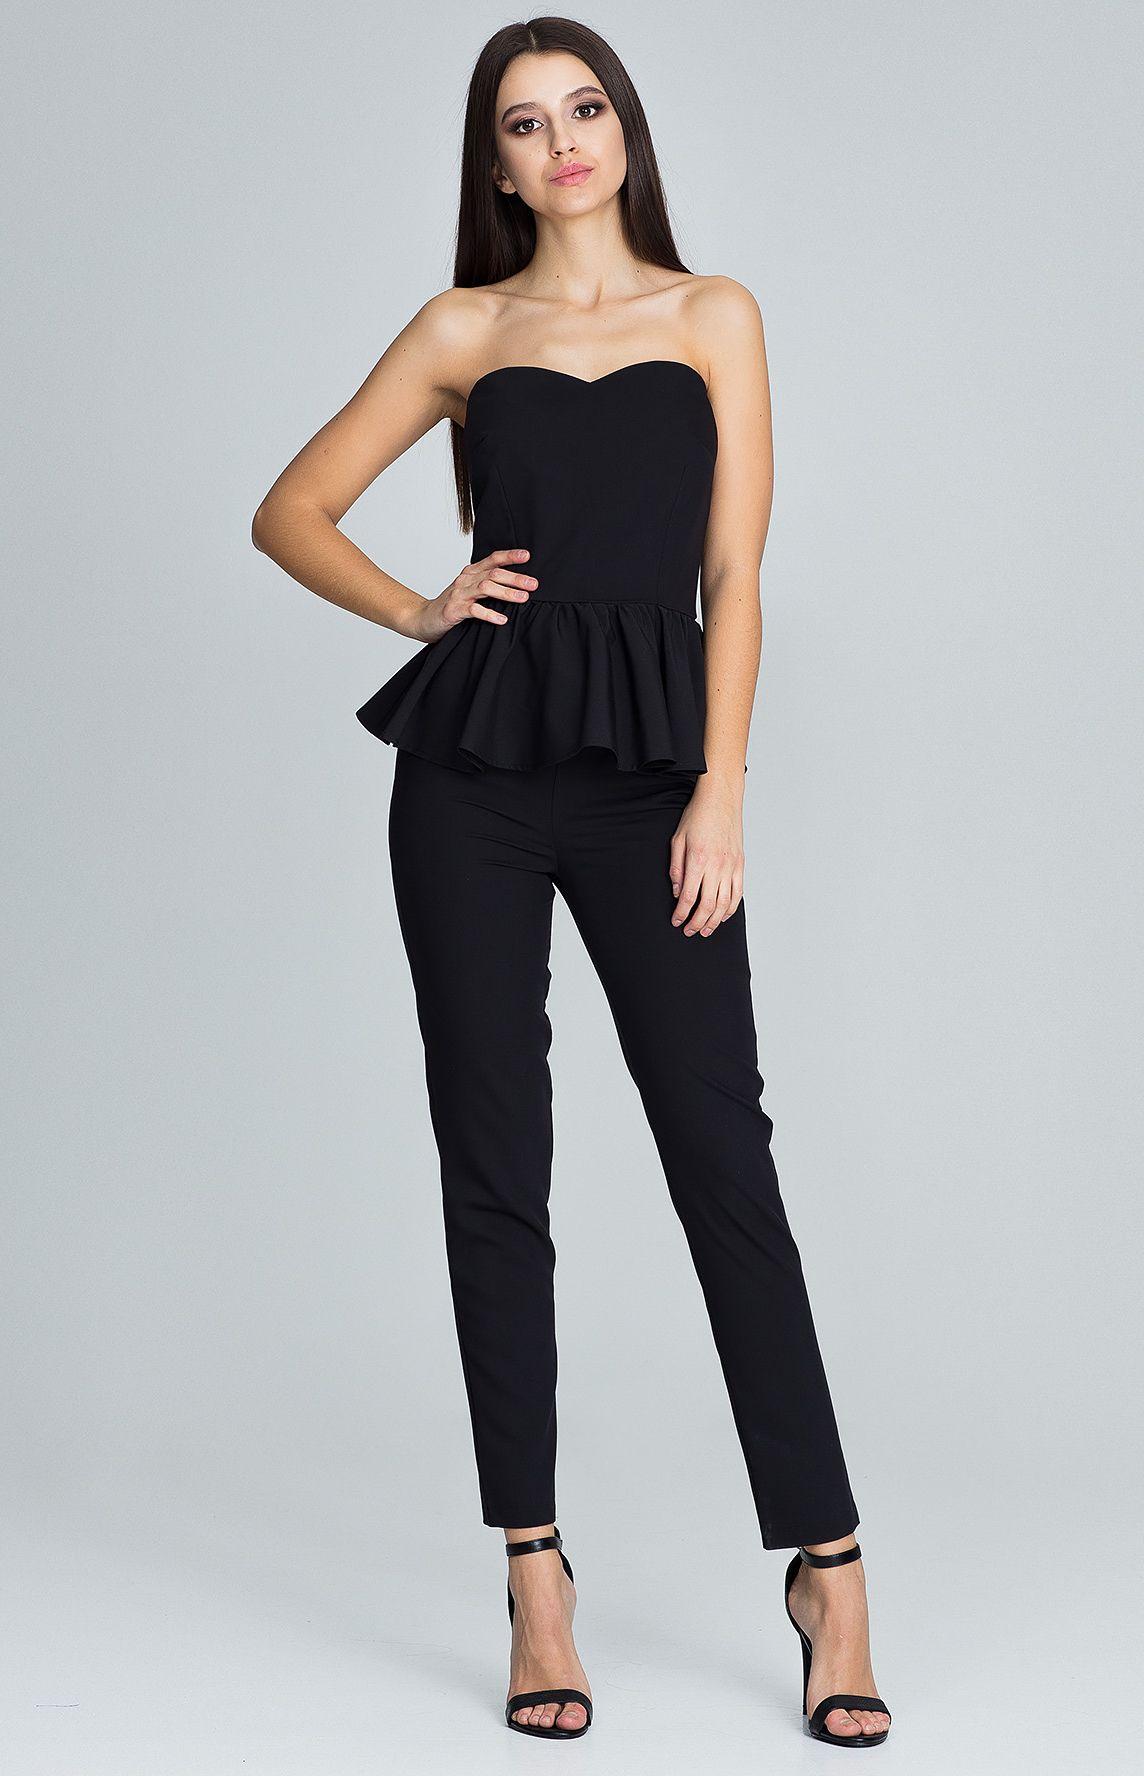 ensemble bustier pantalon noir flm606n idresstocode boutique de d shabill s et nuisettes. Black Bedroom Furniture Sets. Home Design Ideas